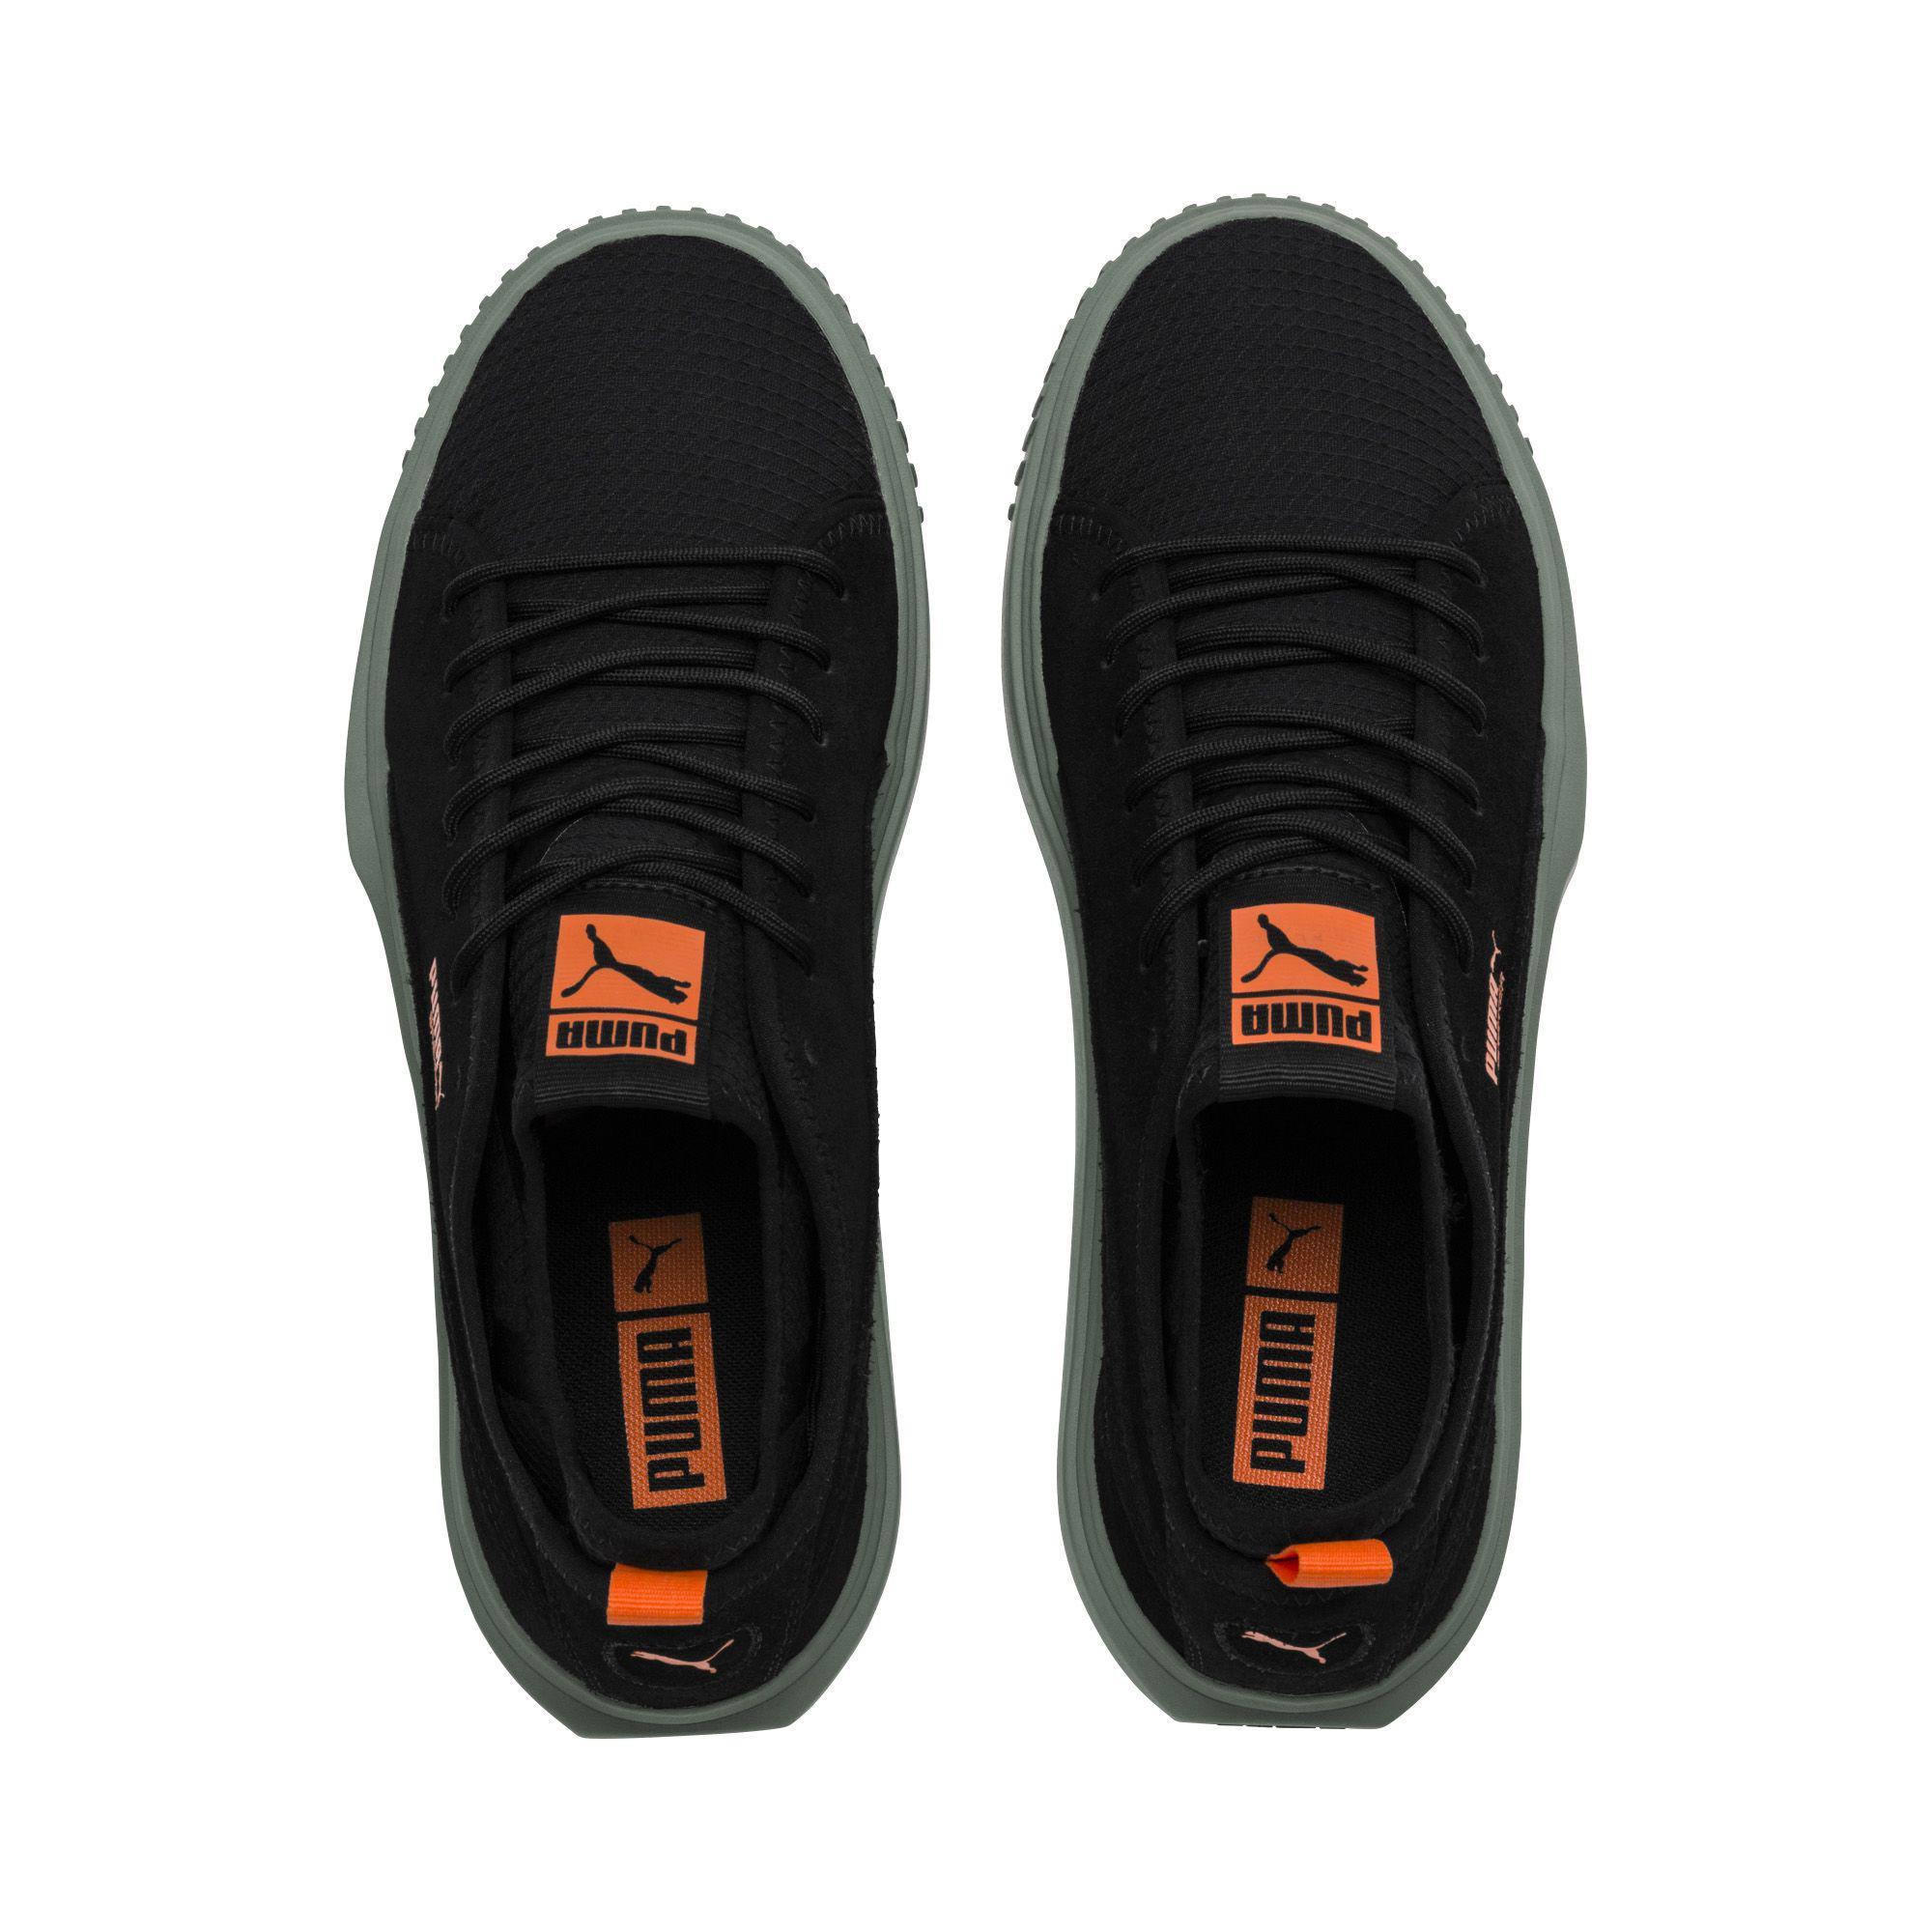 Lyst - PUMA Breaker Mesh Fight Or Flight Sneakers in Black for Men 12d02a4dc